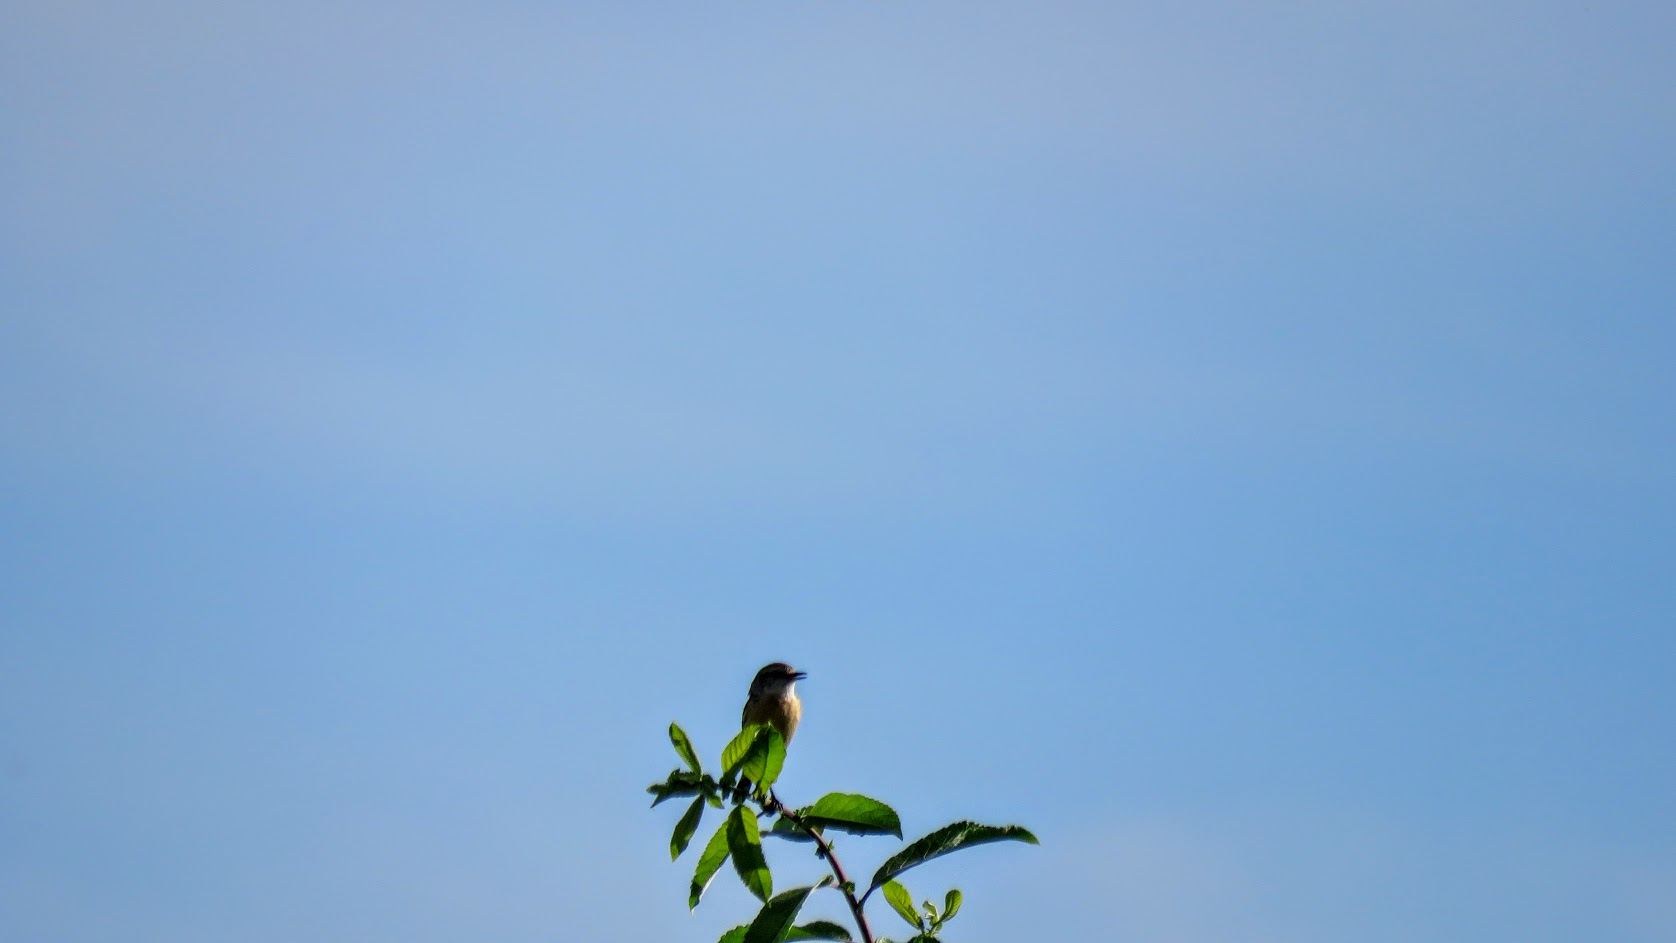 Цветики, птички, маслята и сосновые шишки. Мои припасы на зиму) IMG_6603.jpg